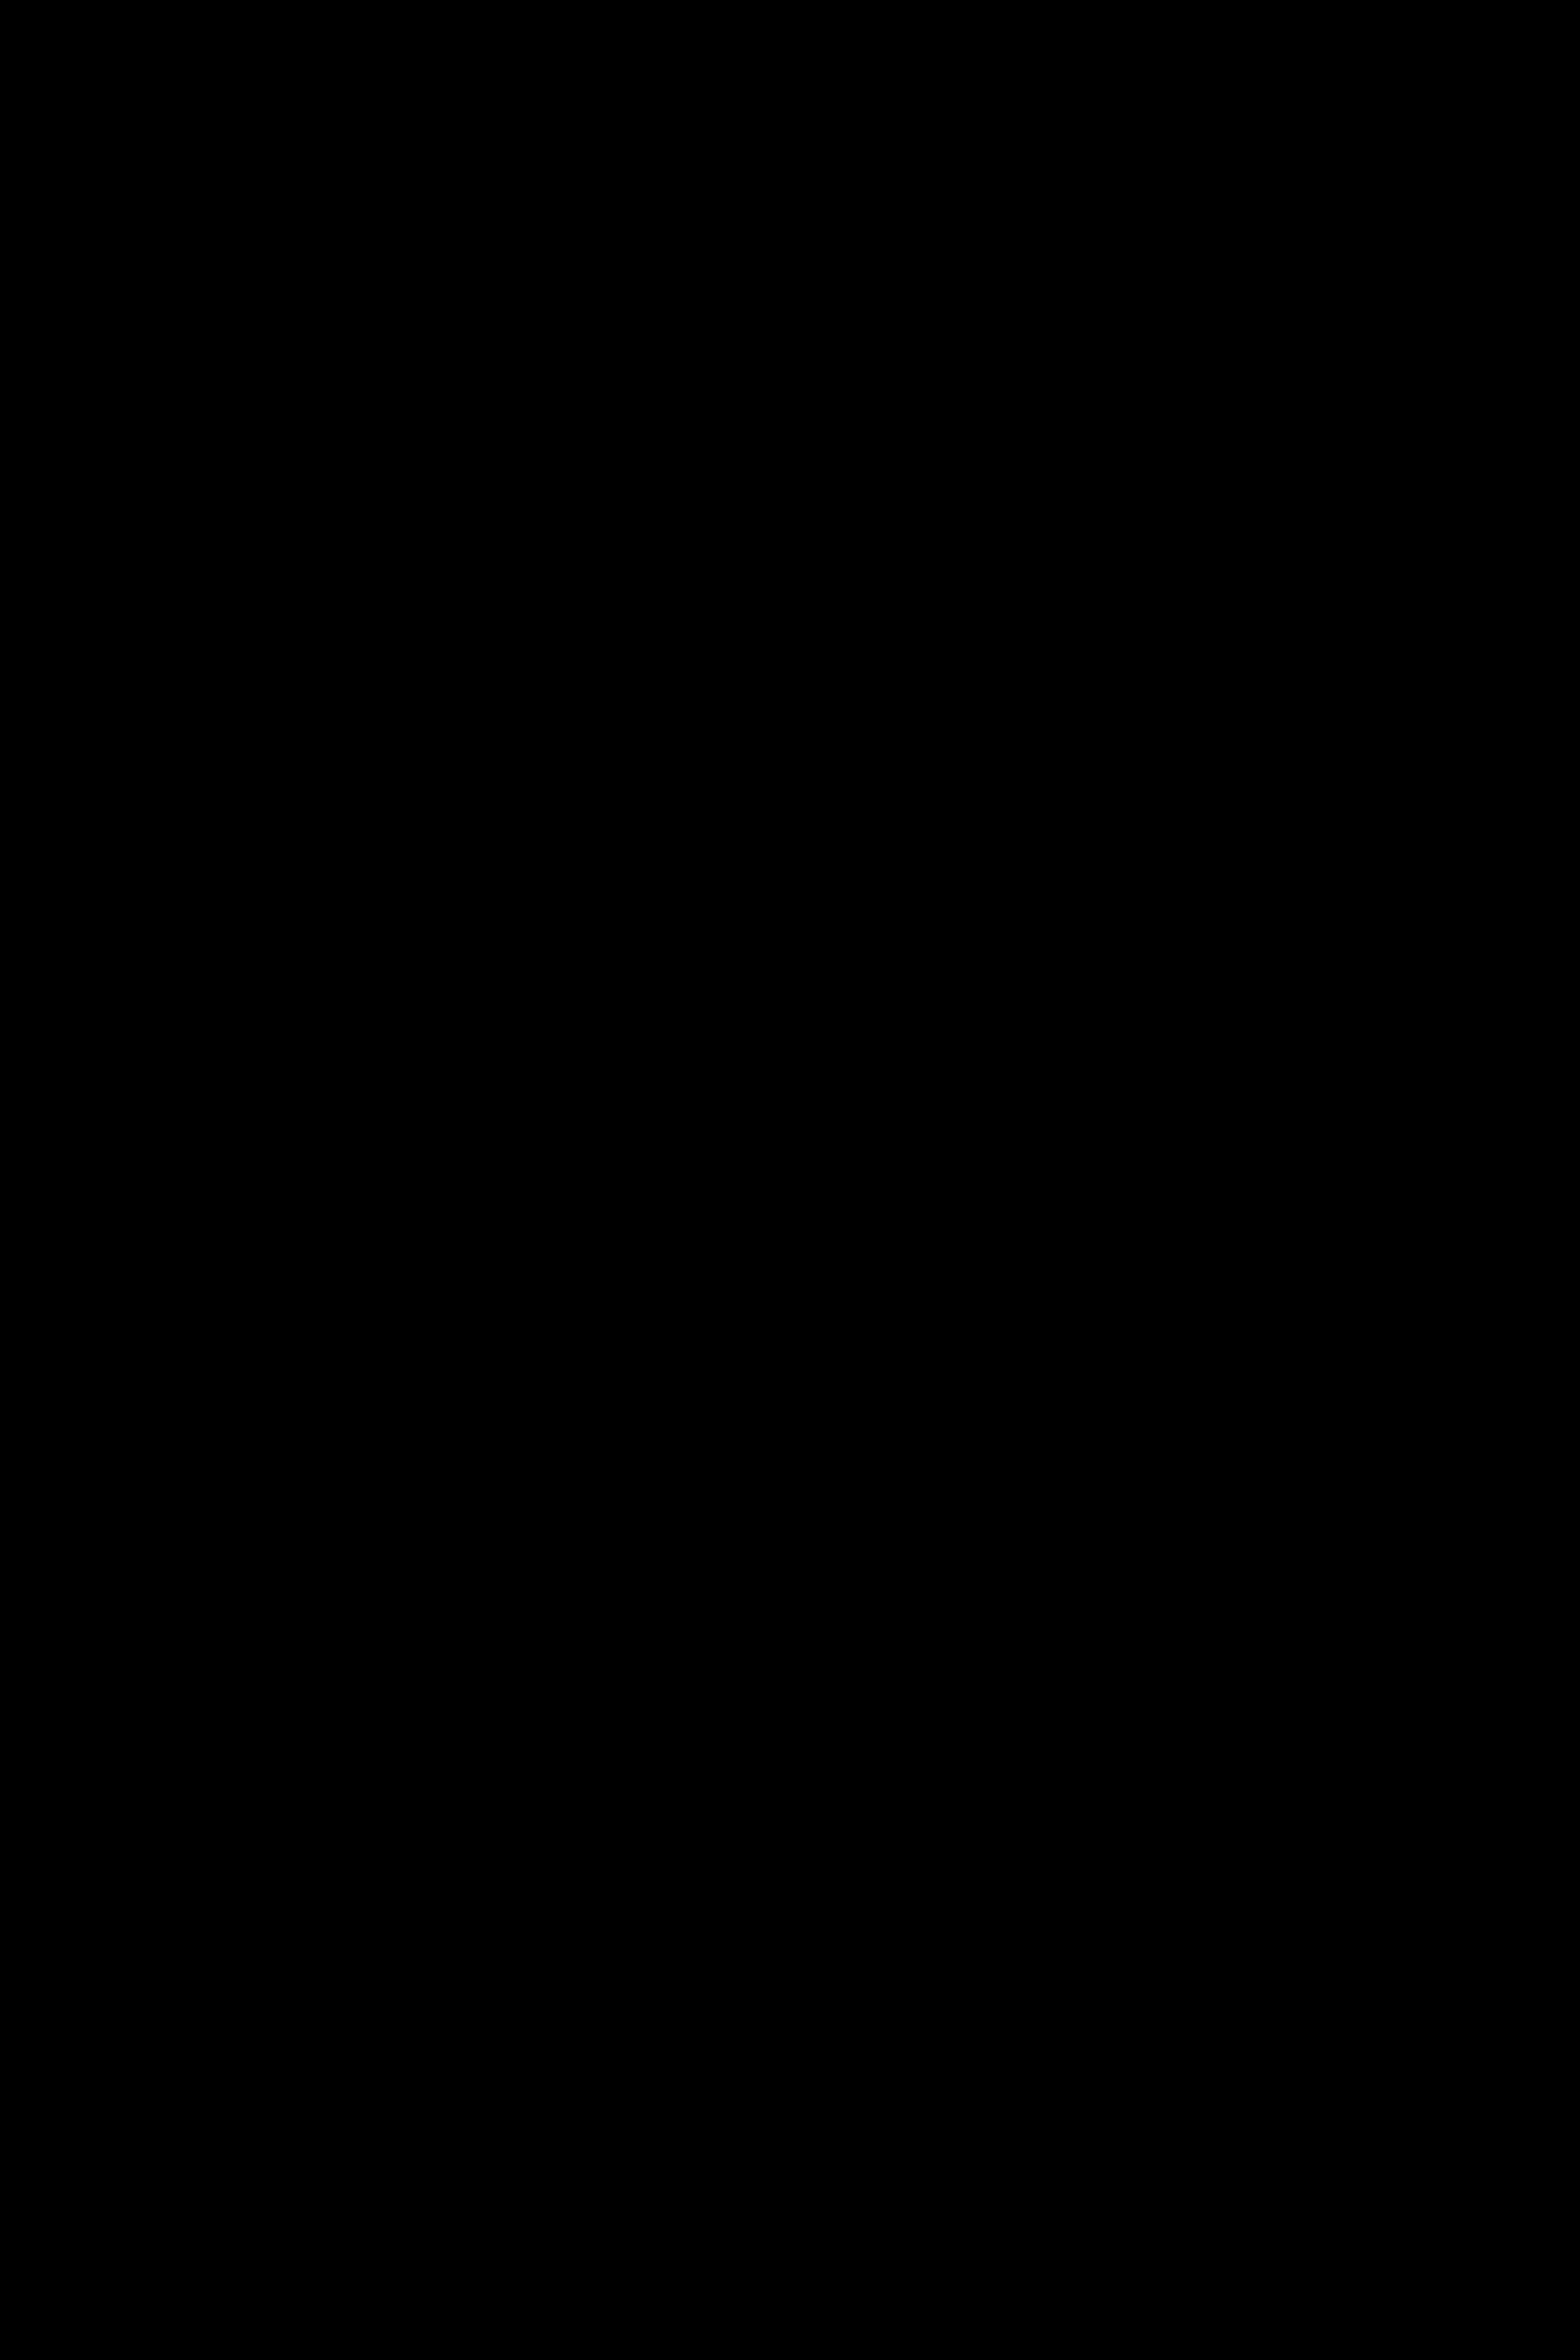 Skate shop1C